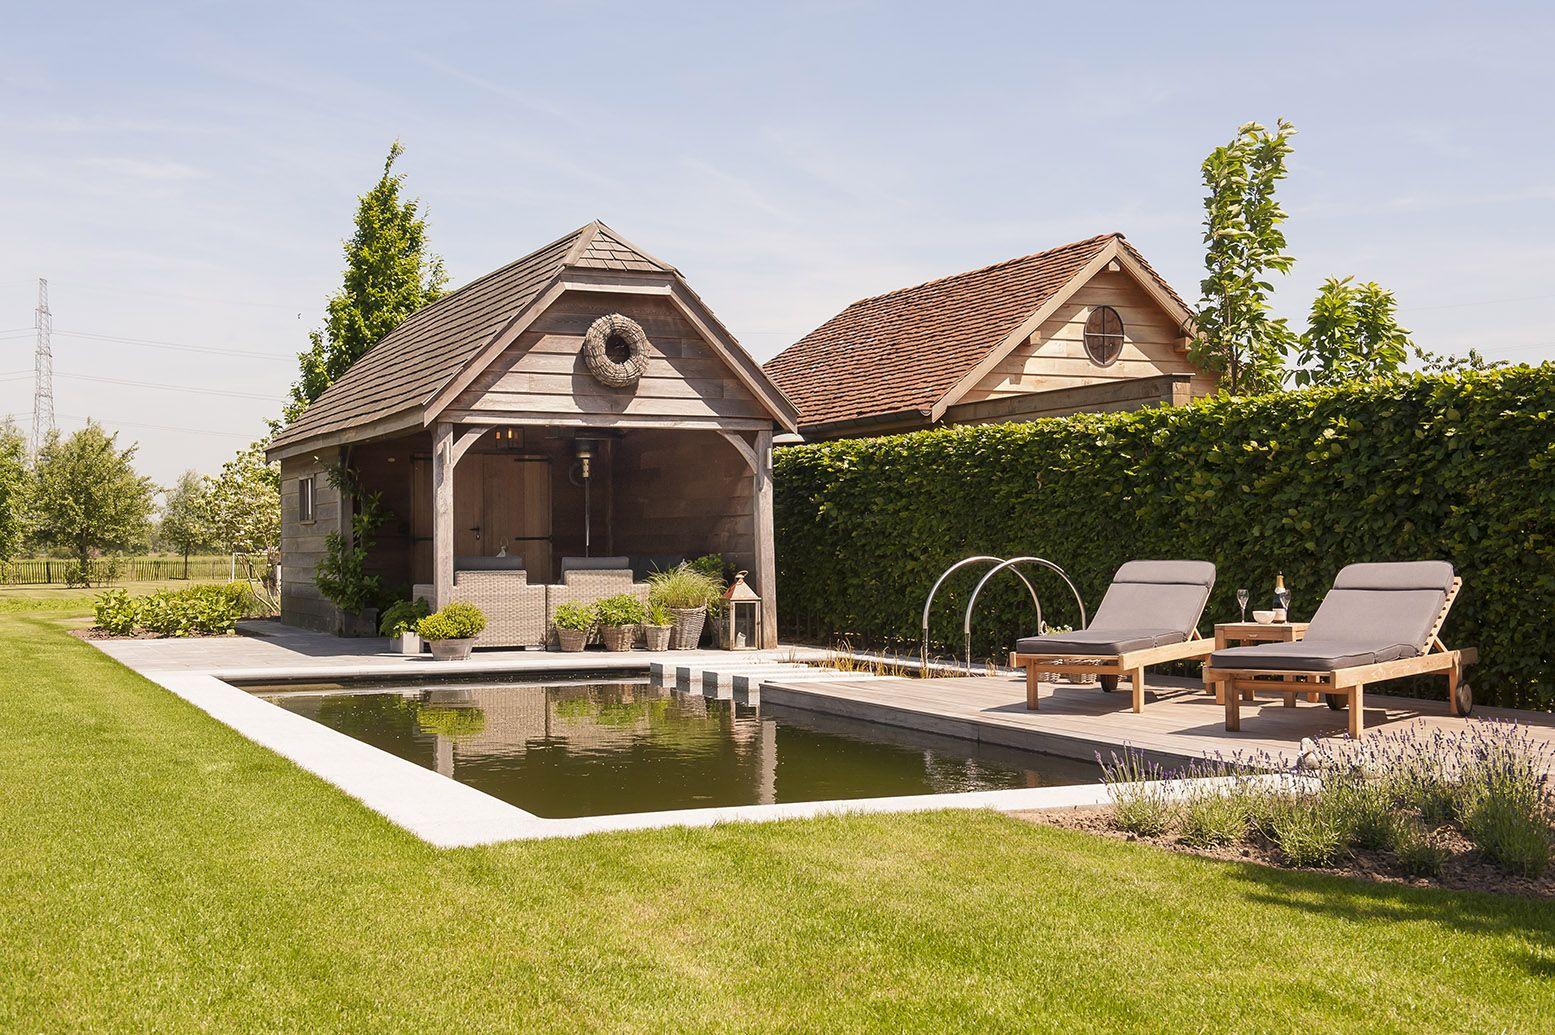 Zwemvijver met vlonder in hardhoutplanken stijlvol poolhouse met